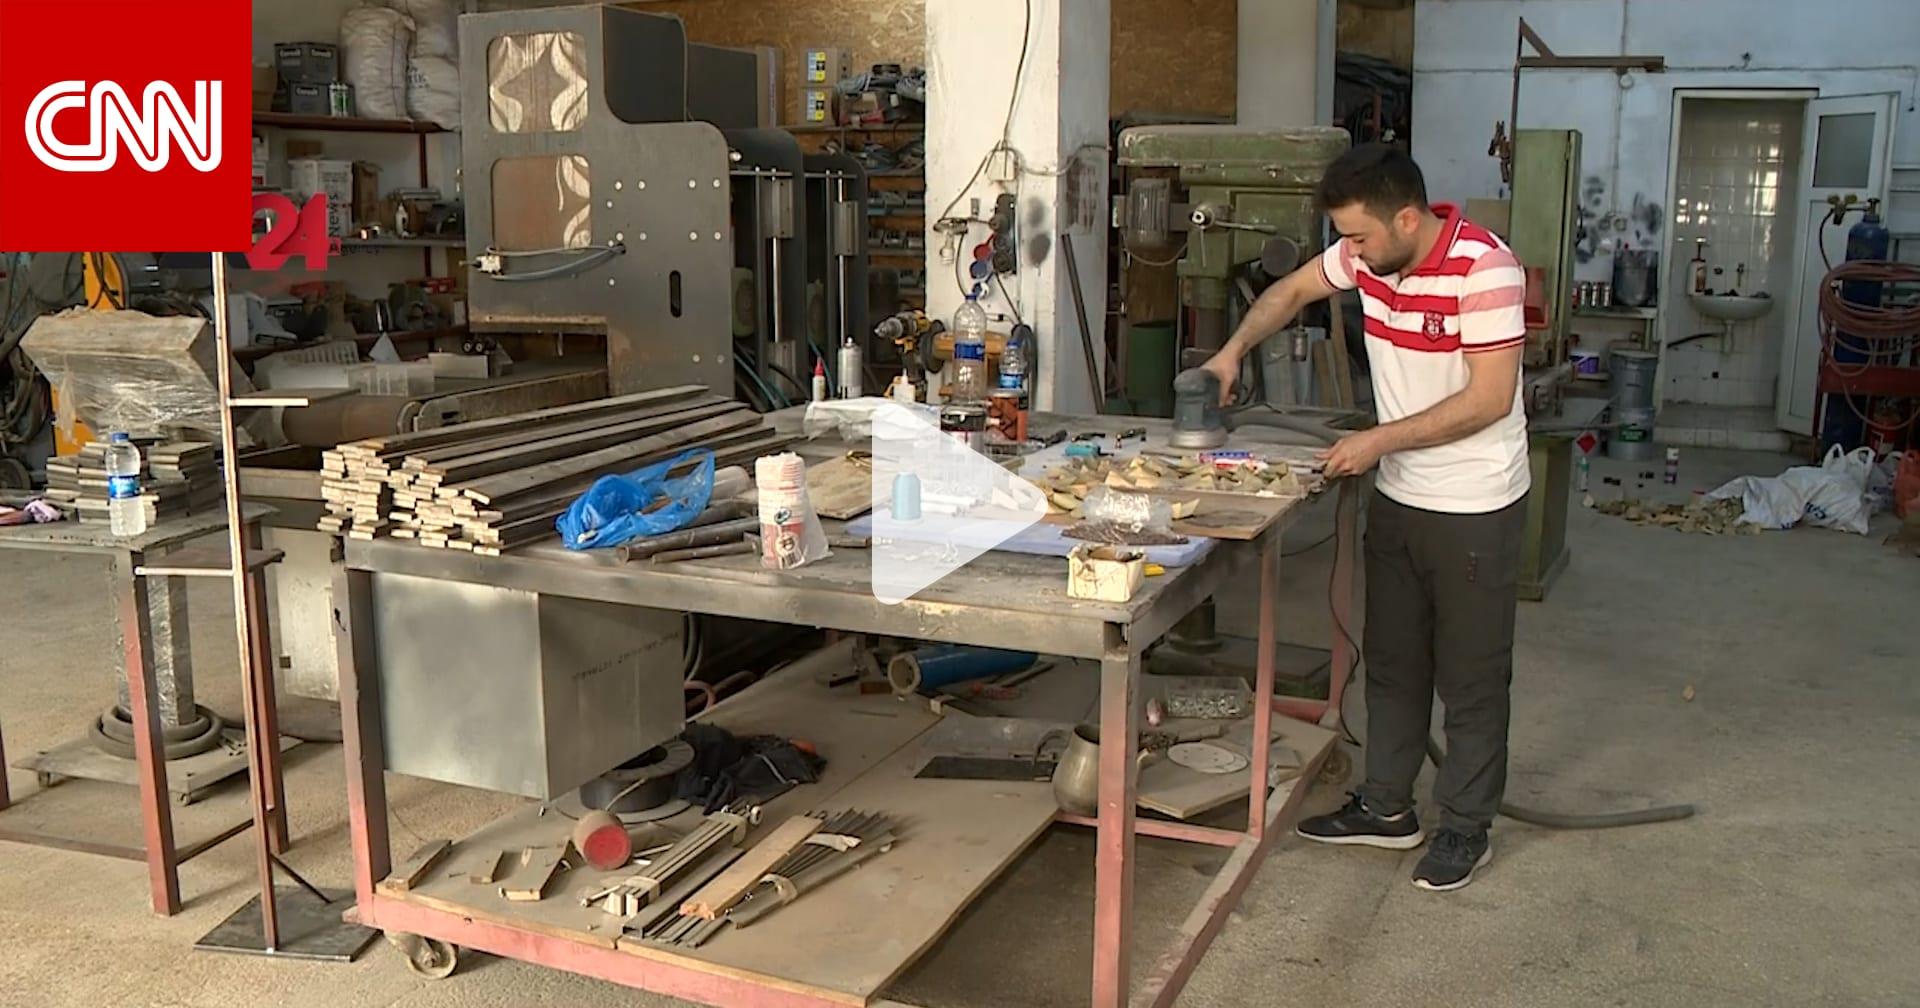 بالفيديو.. شاب سوري يحول الخردة إلى أعمال فنية في إسطنبول